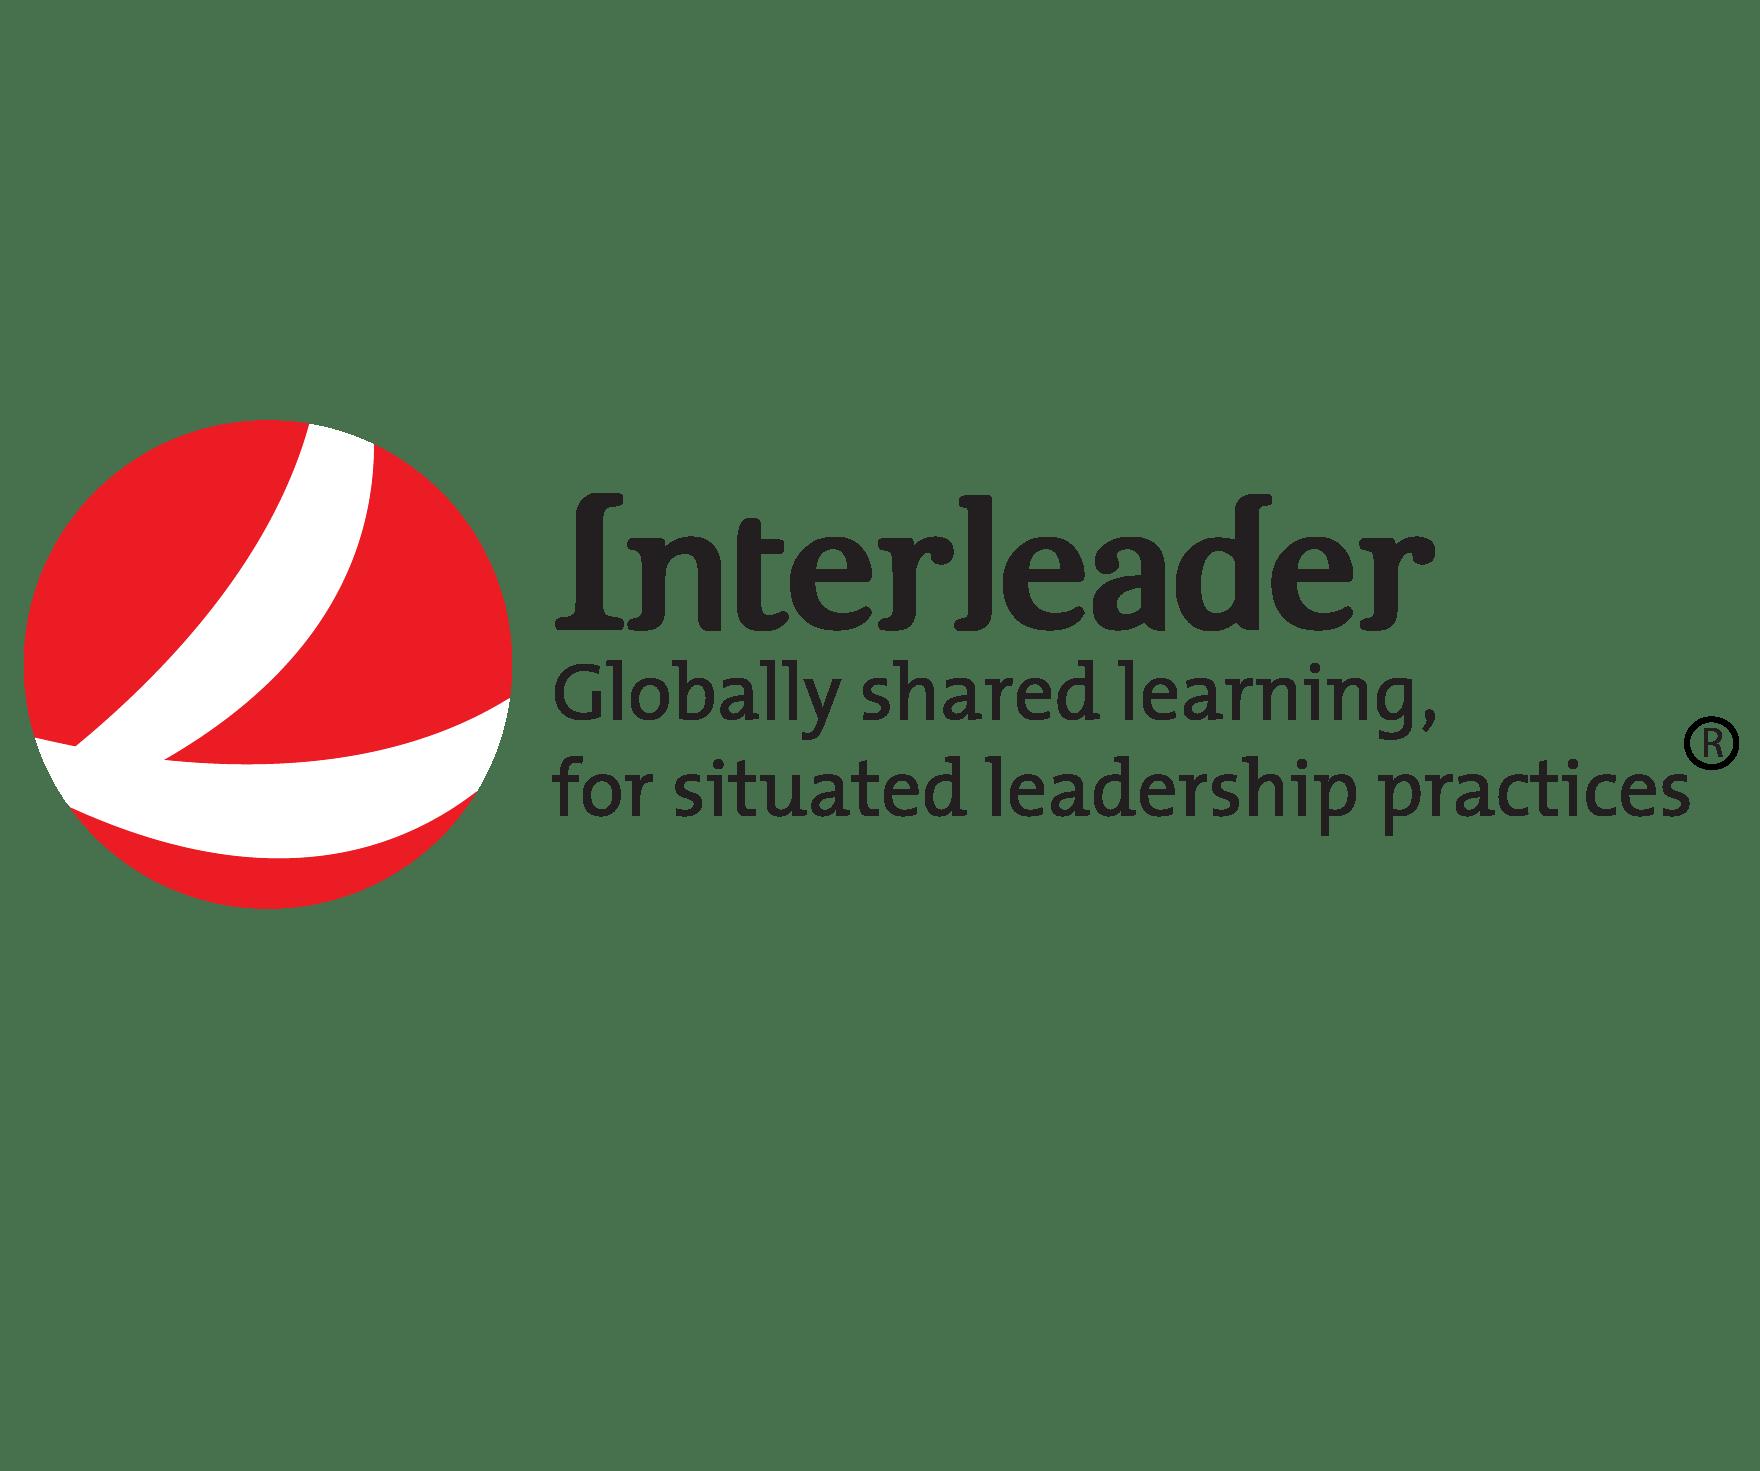 Interleader